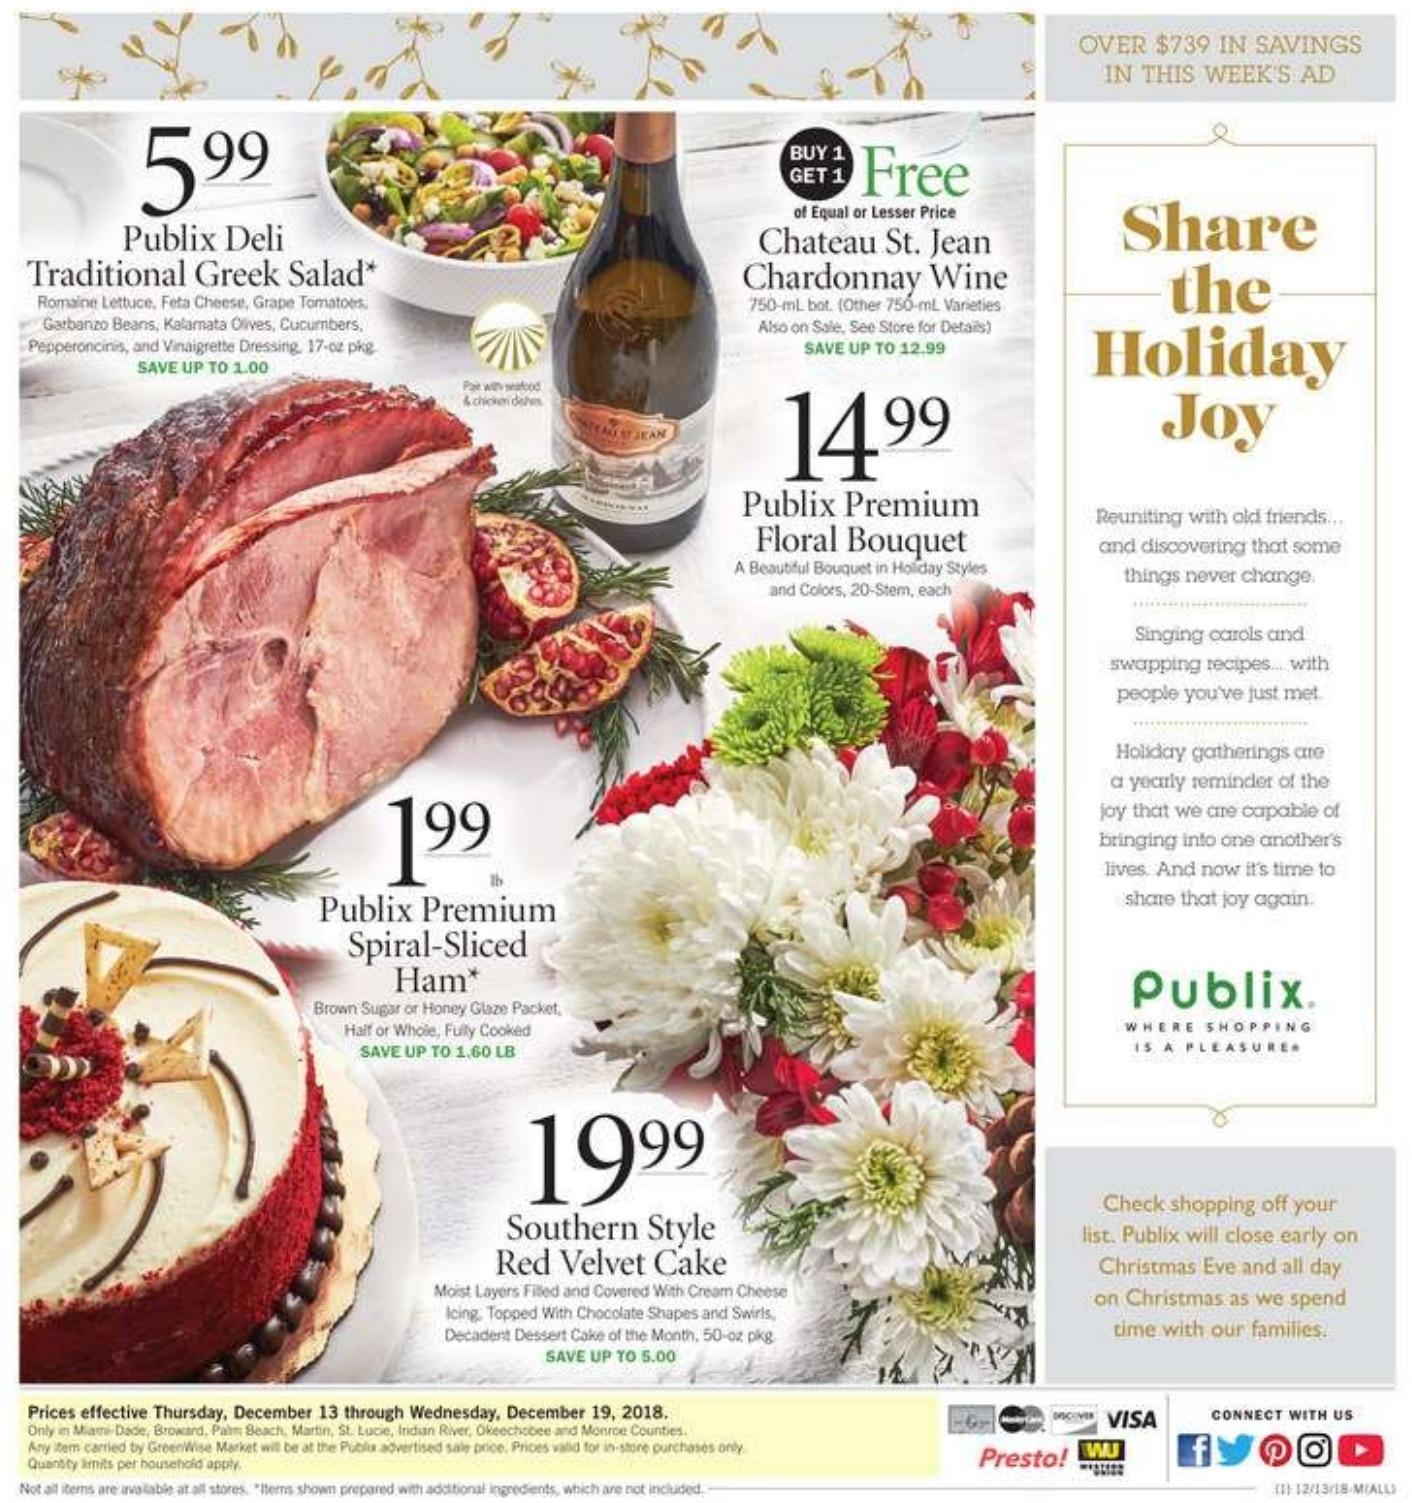 Publix Ad Specials December 13 - December 19, 2018